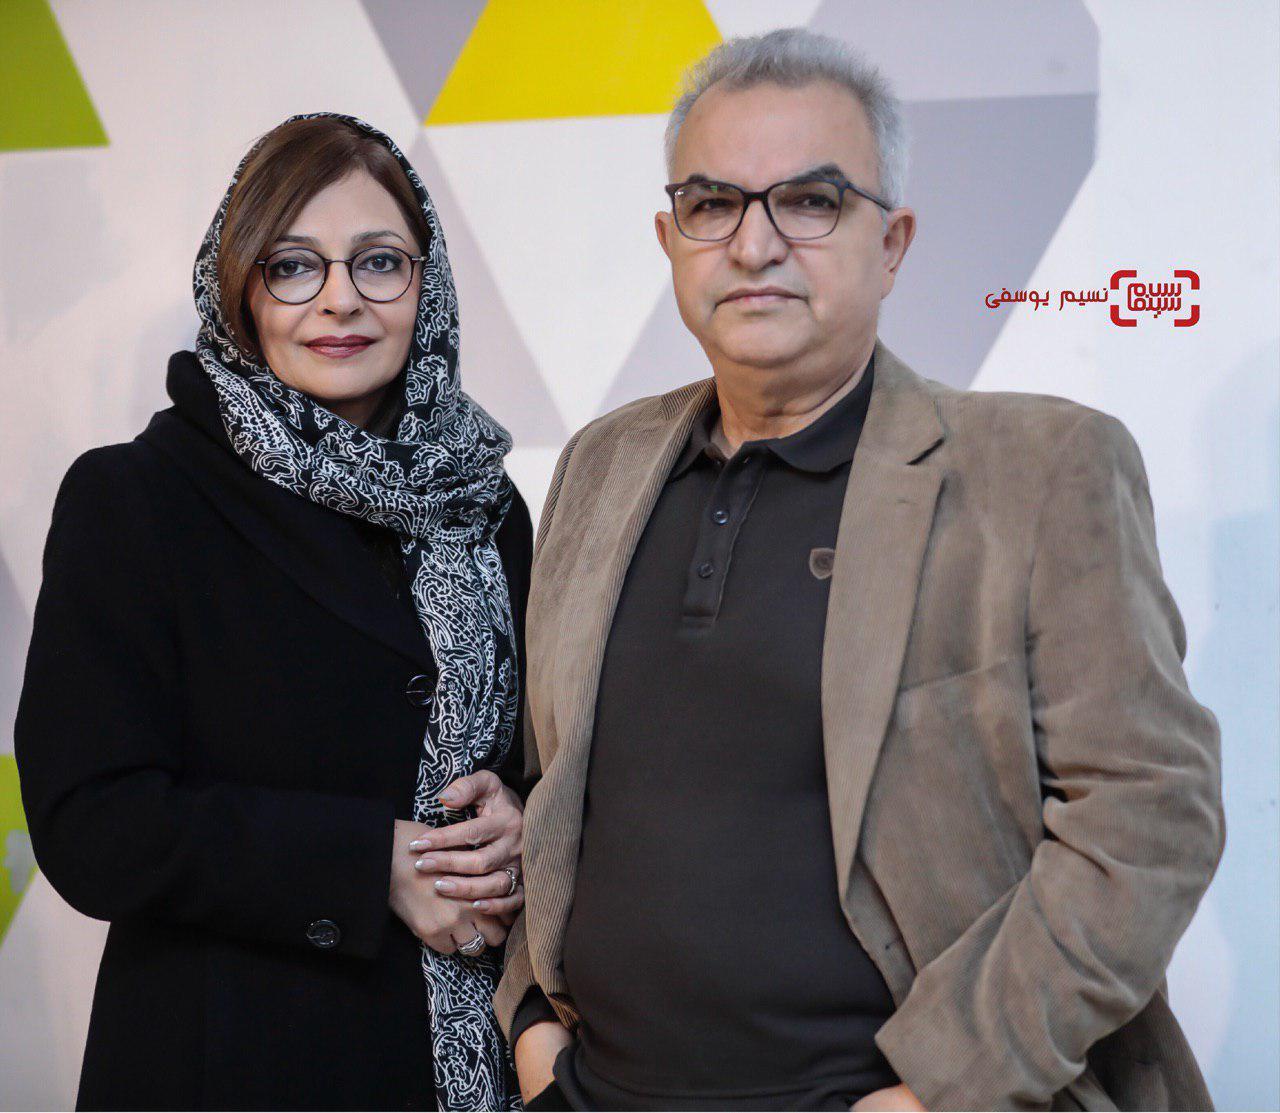 ابوالحسن داوودیو همسرشبیتا منصوریاکران خصوصی فیلم «پارادایس»/ گزارش تصویری